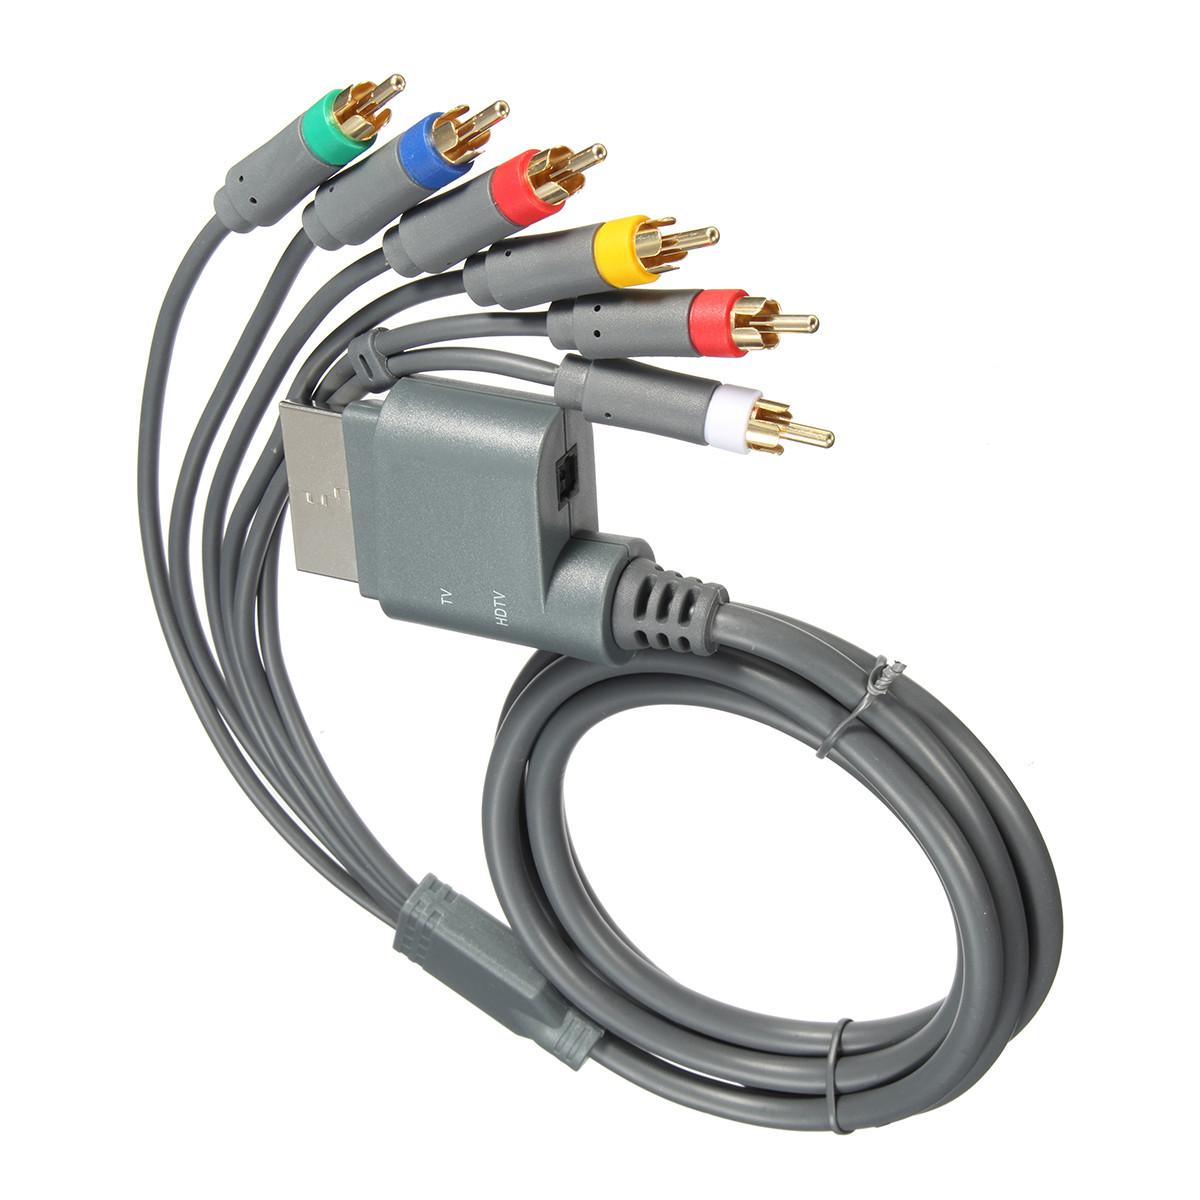 1,8 м Компонент HDTV Компонентное аудио видео AV High Definition Cable 6 In 1 Для XBOX One - ➊TopShop ➠ Товары из Китая с бесплатной доставкой в Украину! в Днепре